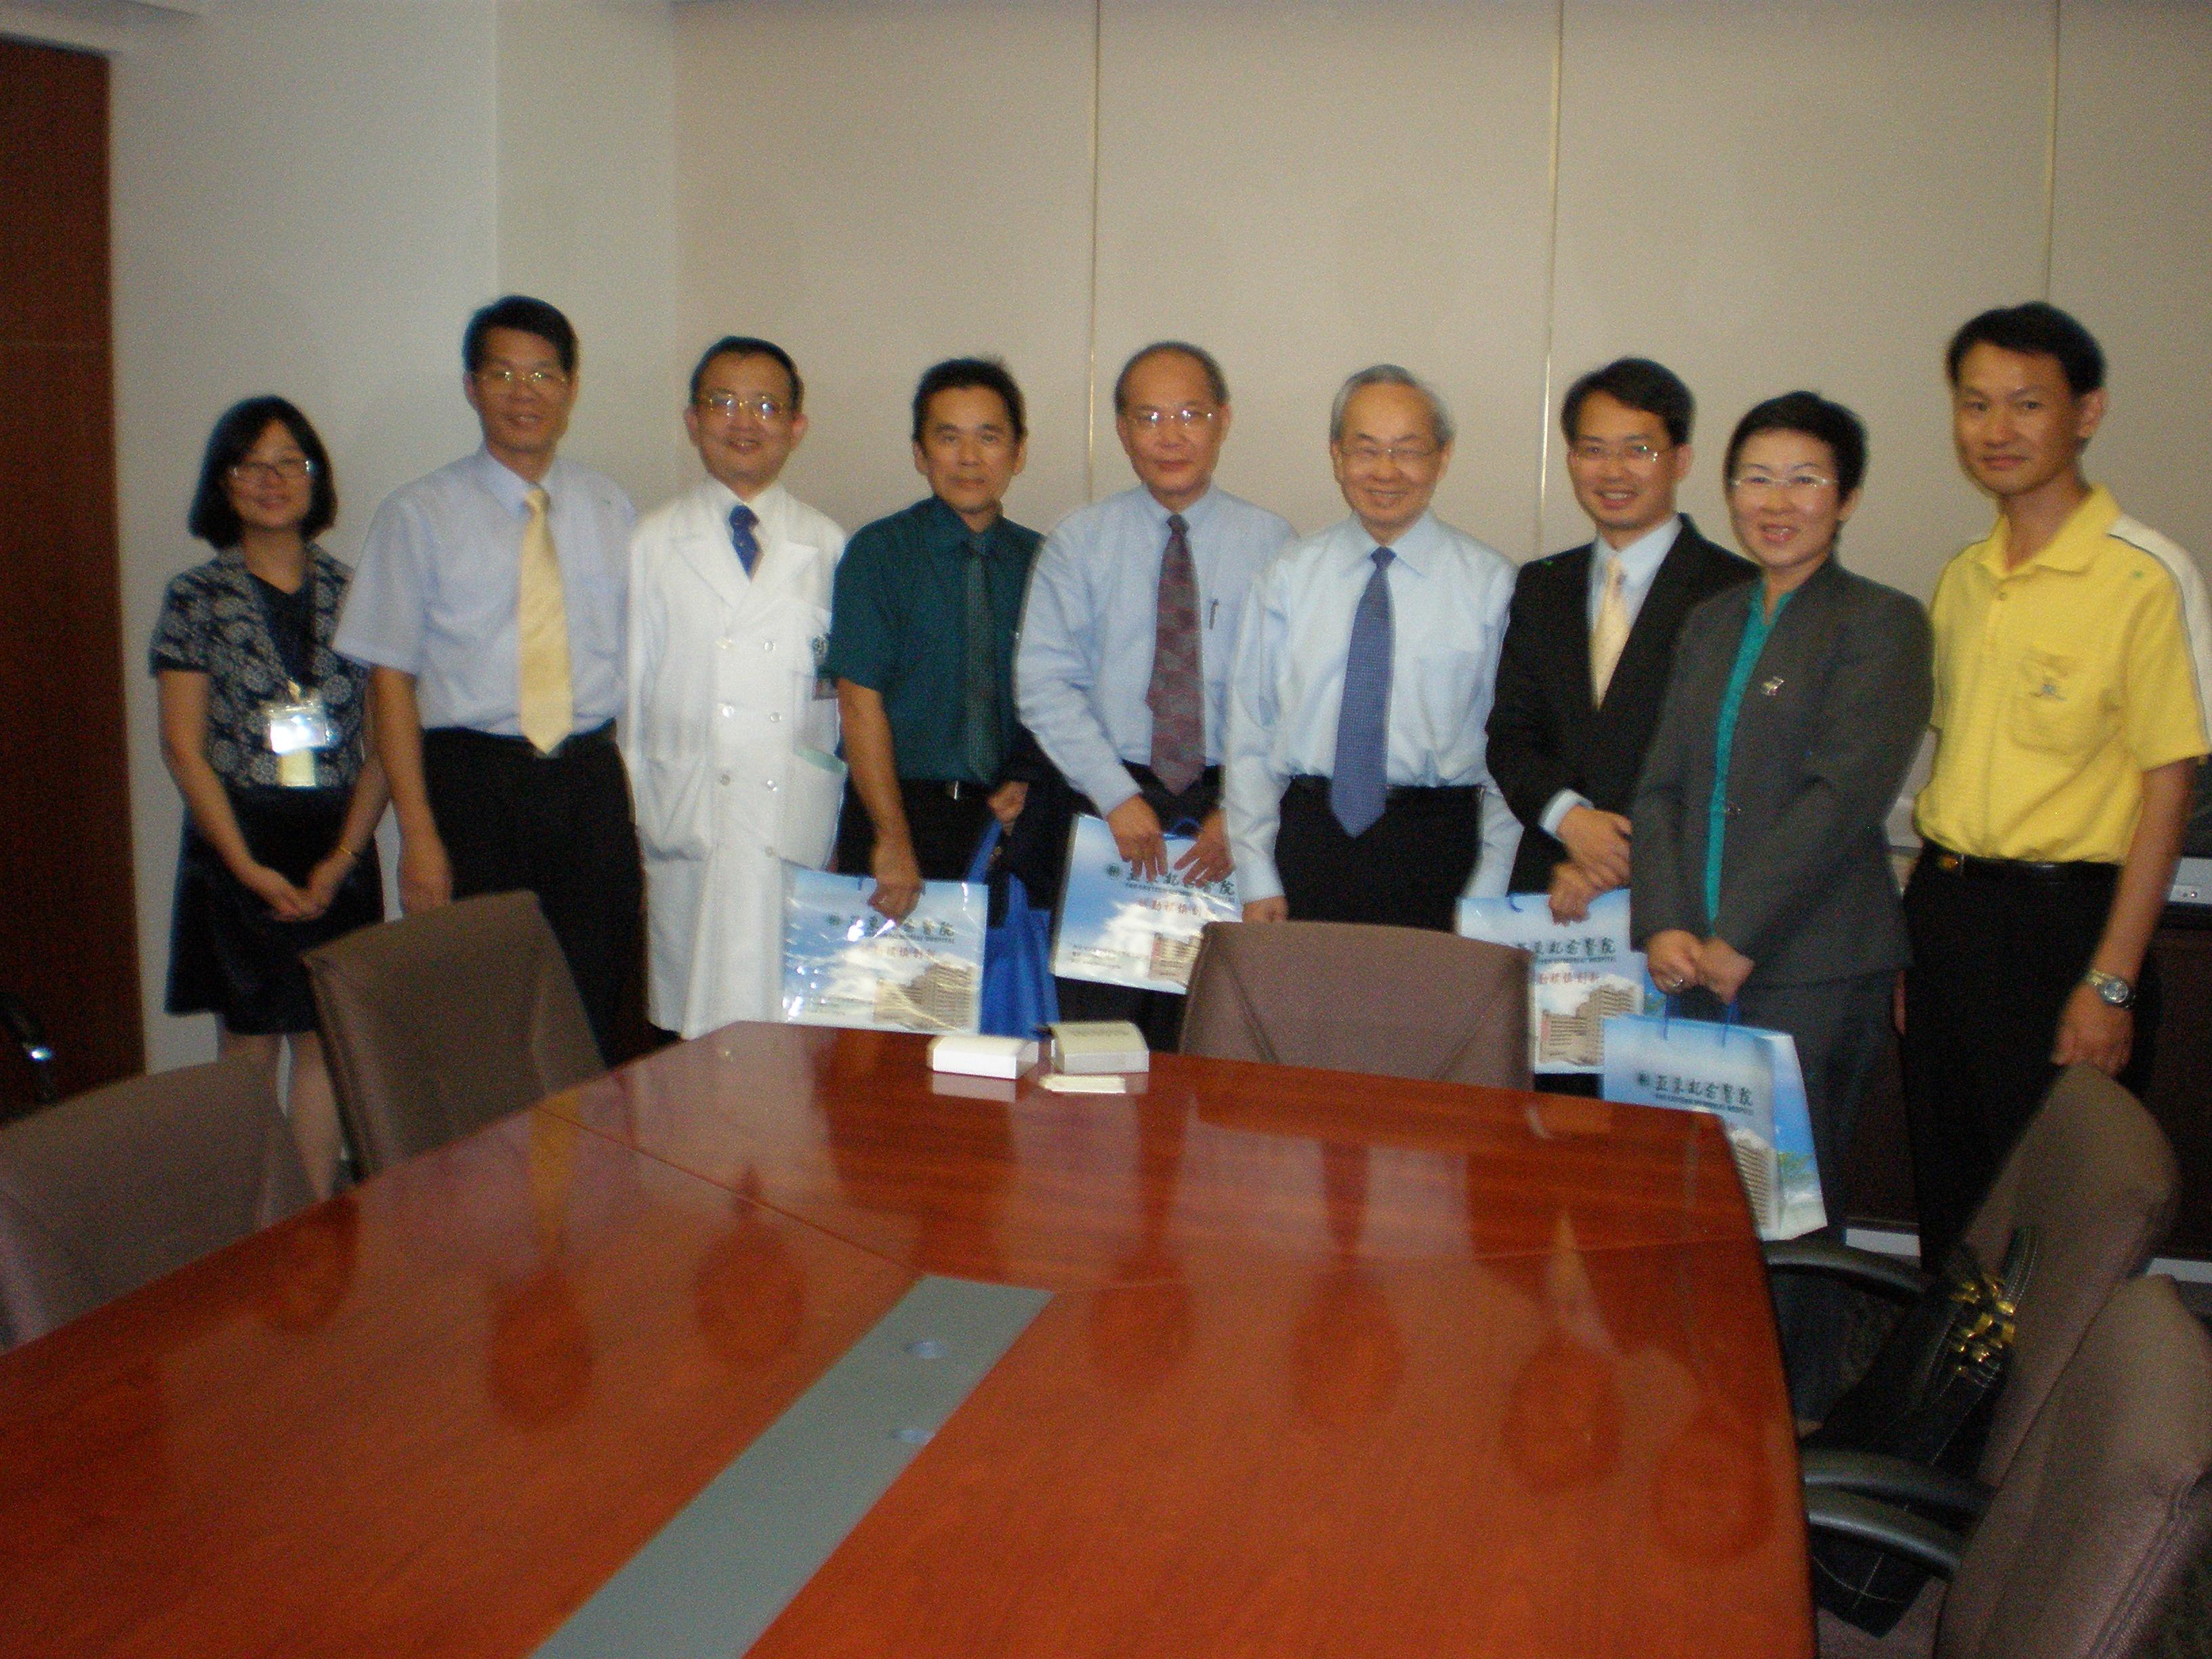 一行人在参观亚东纪念医院时,受到亚洲第一位心脏移植手术医生朱树勋院长(右4)及副院长郑国祥(右3)及亚东技术学院职员等的迎迓。